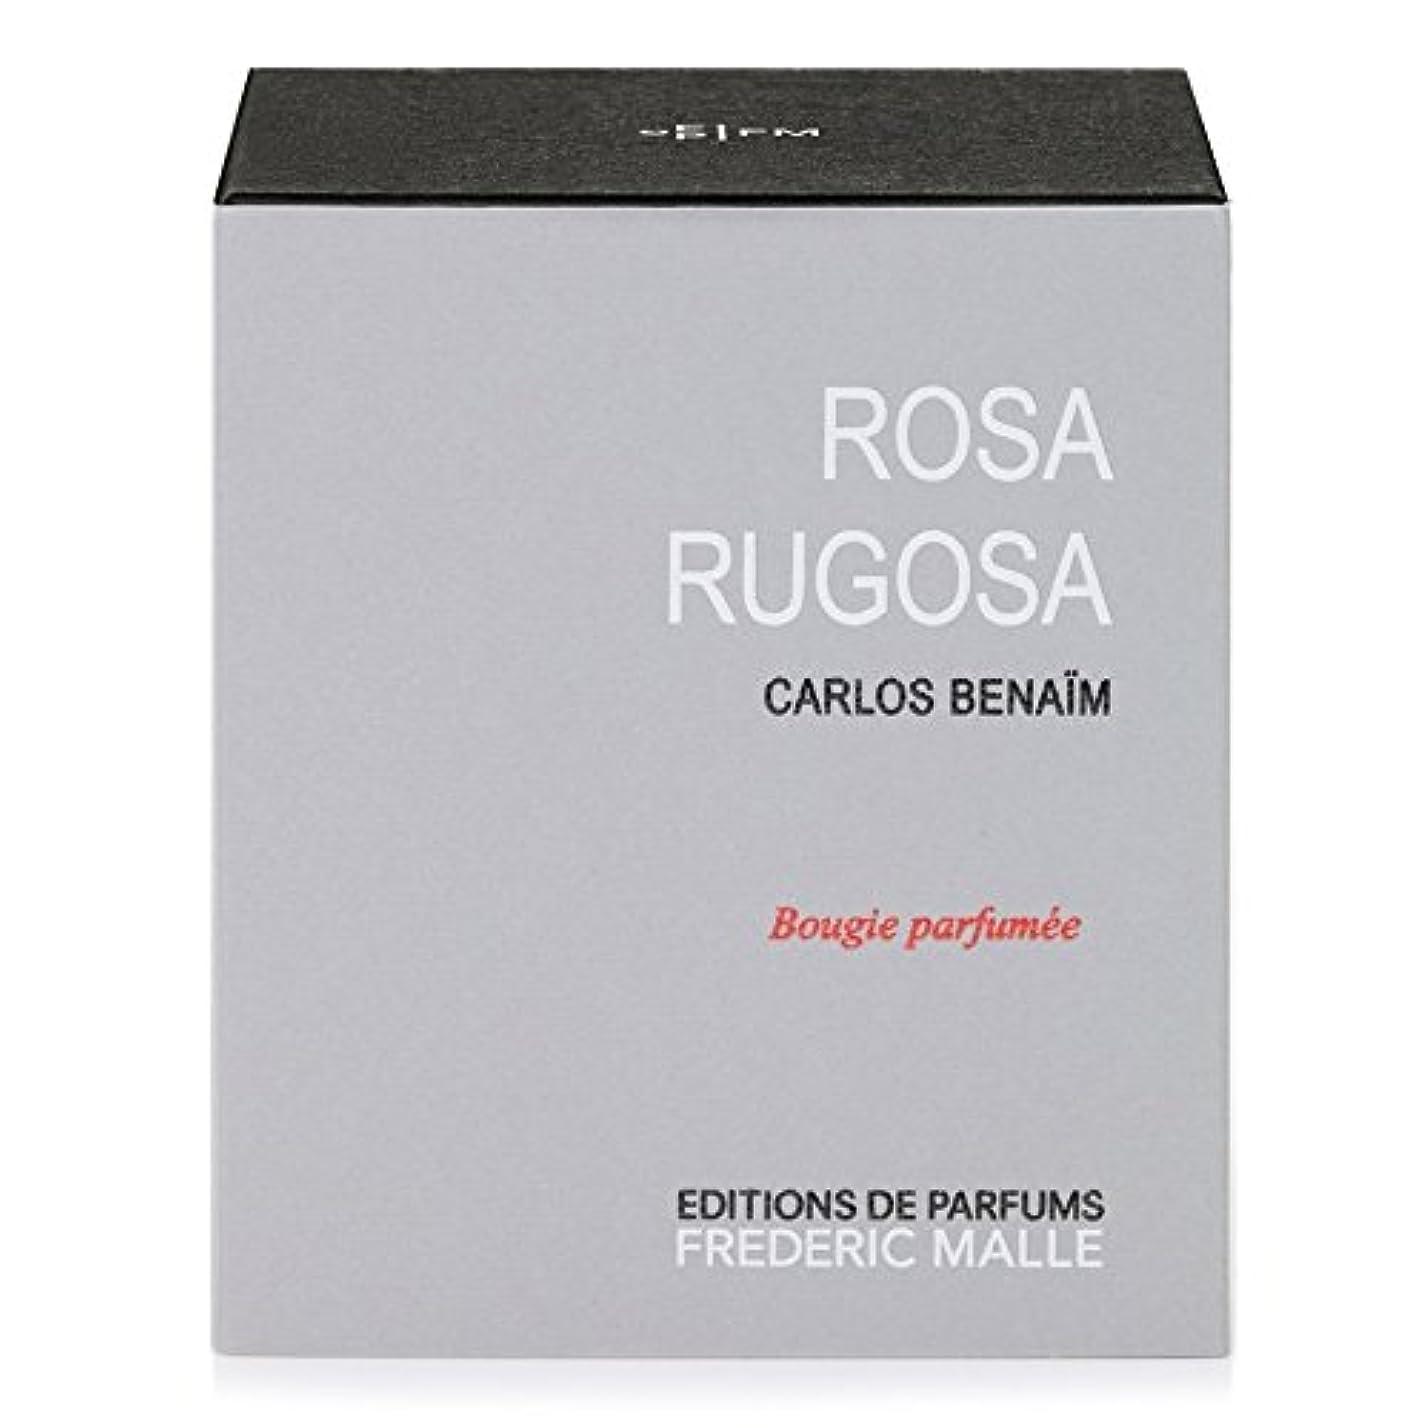 スタンド嬉しいですラインナップFrederic Malle Rosa Rugosa Scented Candle (Pack of 2) - フレデリック?マルハマナスの香りのキャンドル x2 [並行輸入品]